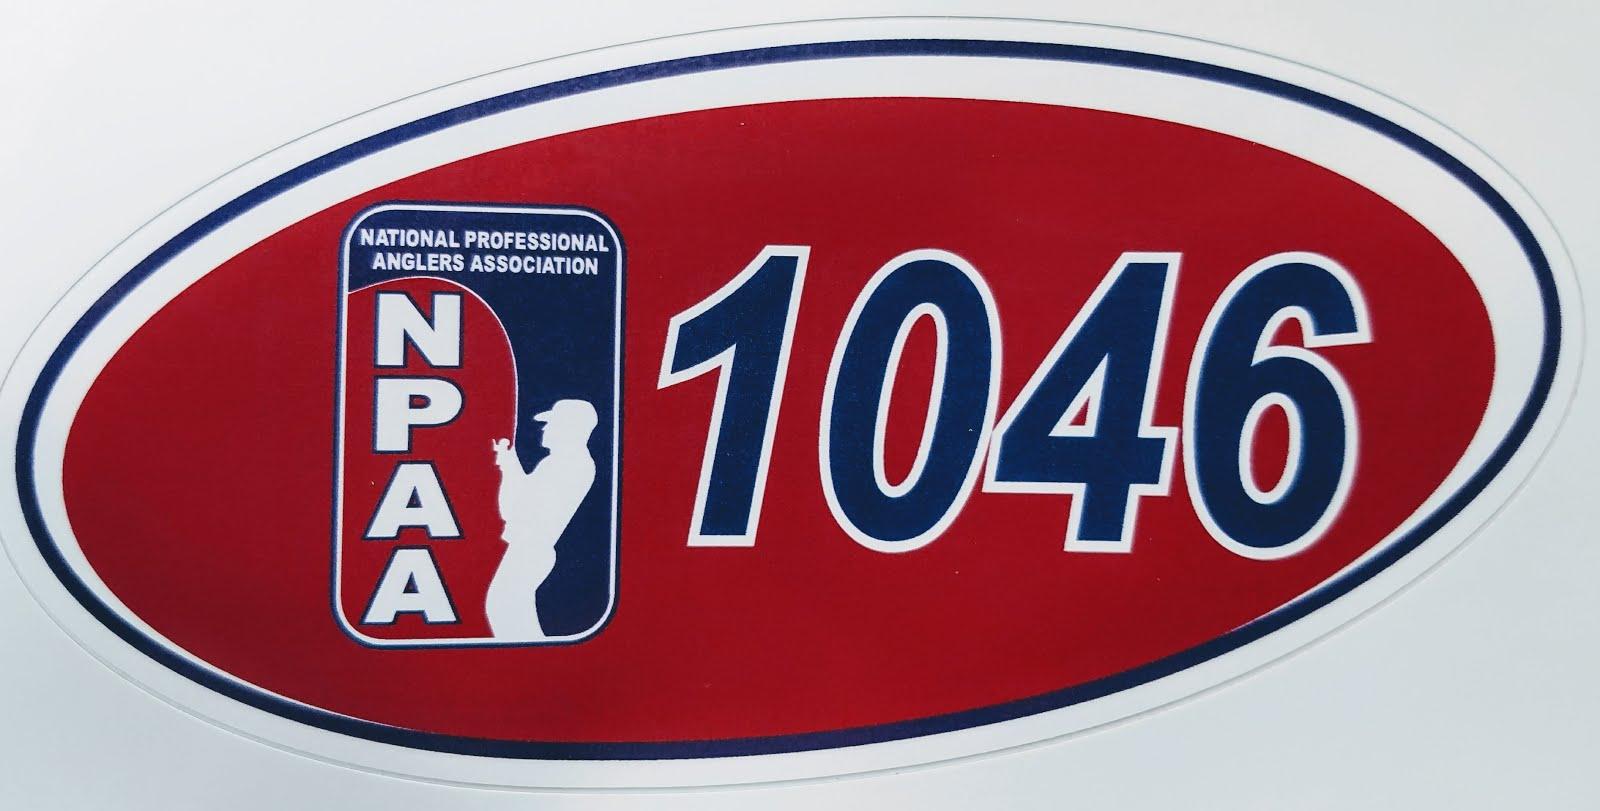 Member #1046: